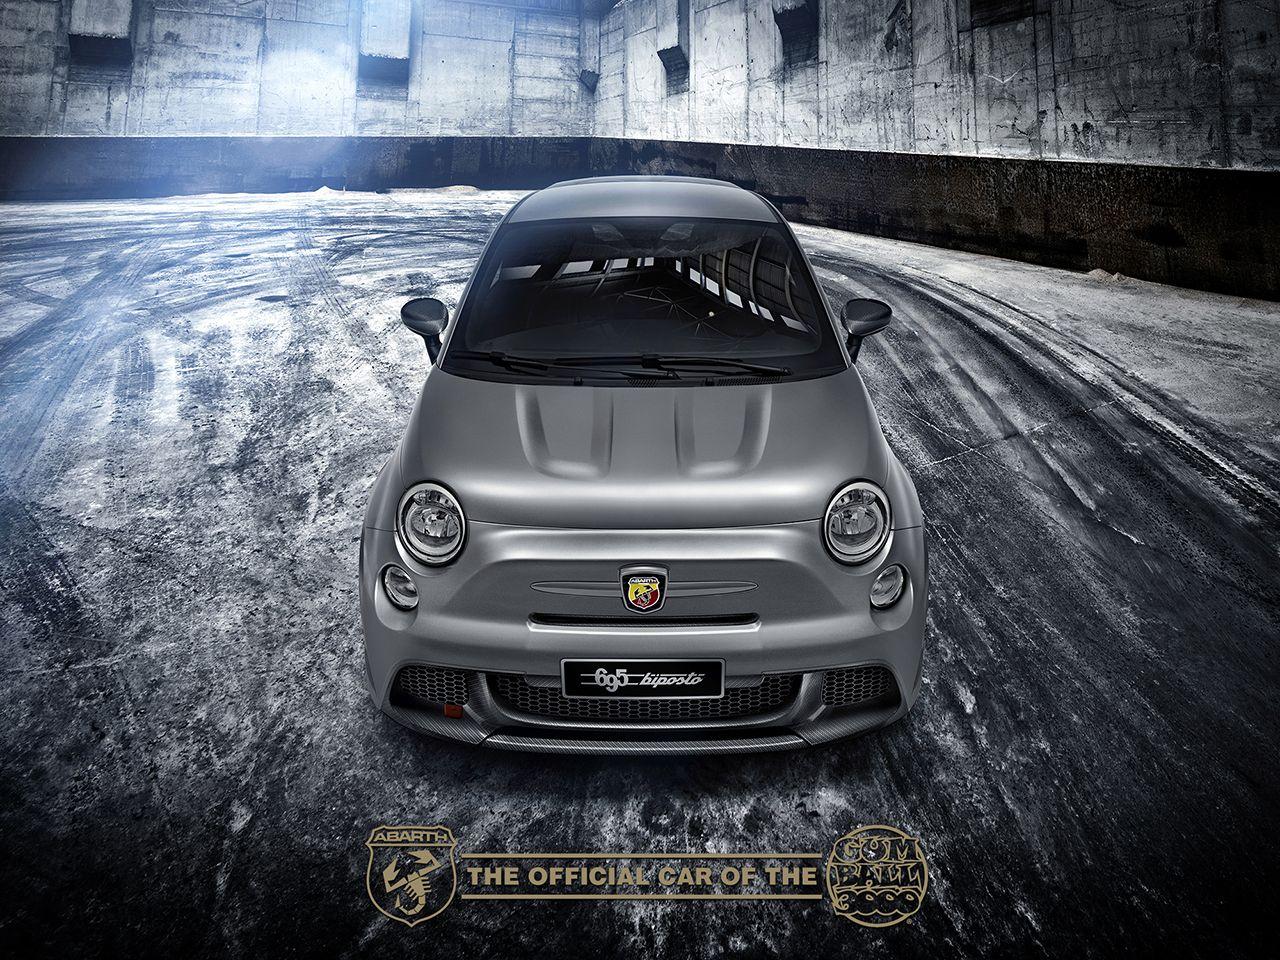 """Abarth 695 biposto auto ufficiale della """"Gumball 3000"""""""